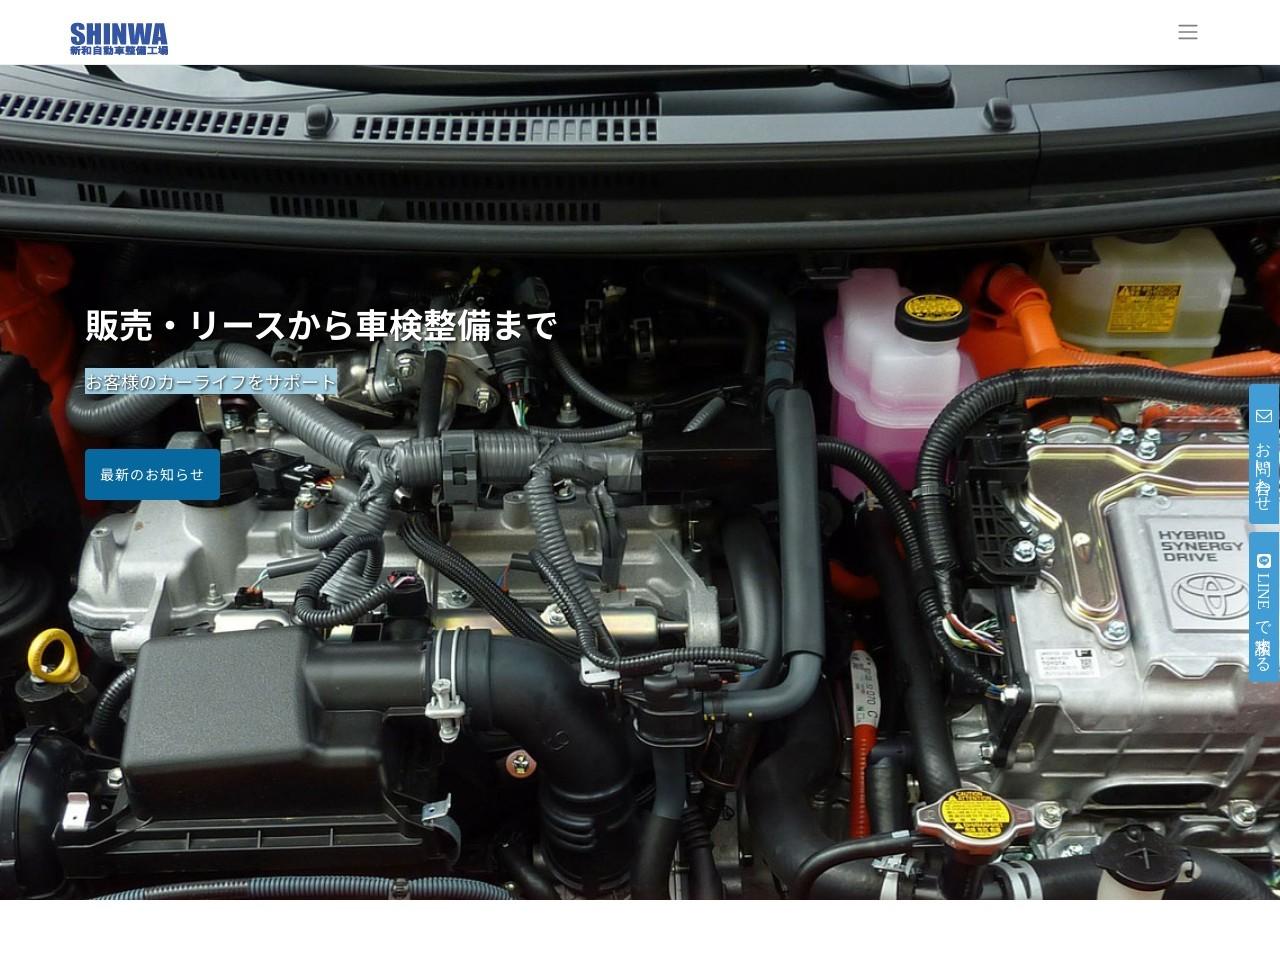 有限会社新和自動車整備工場